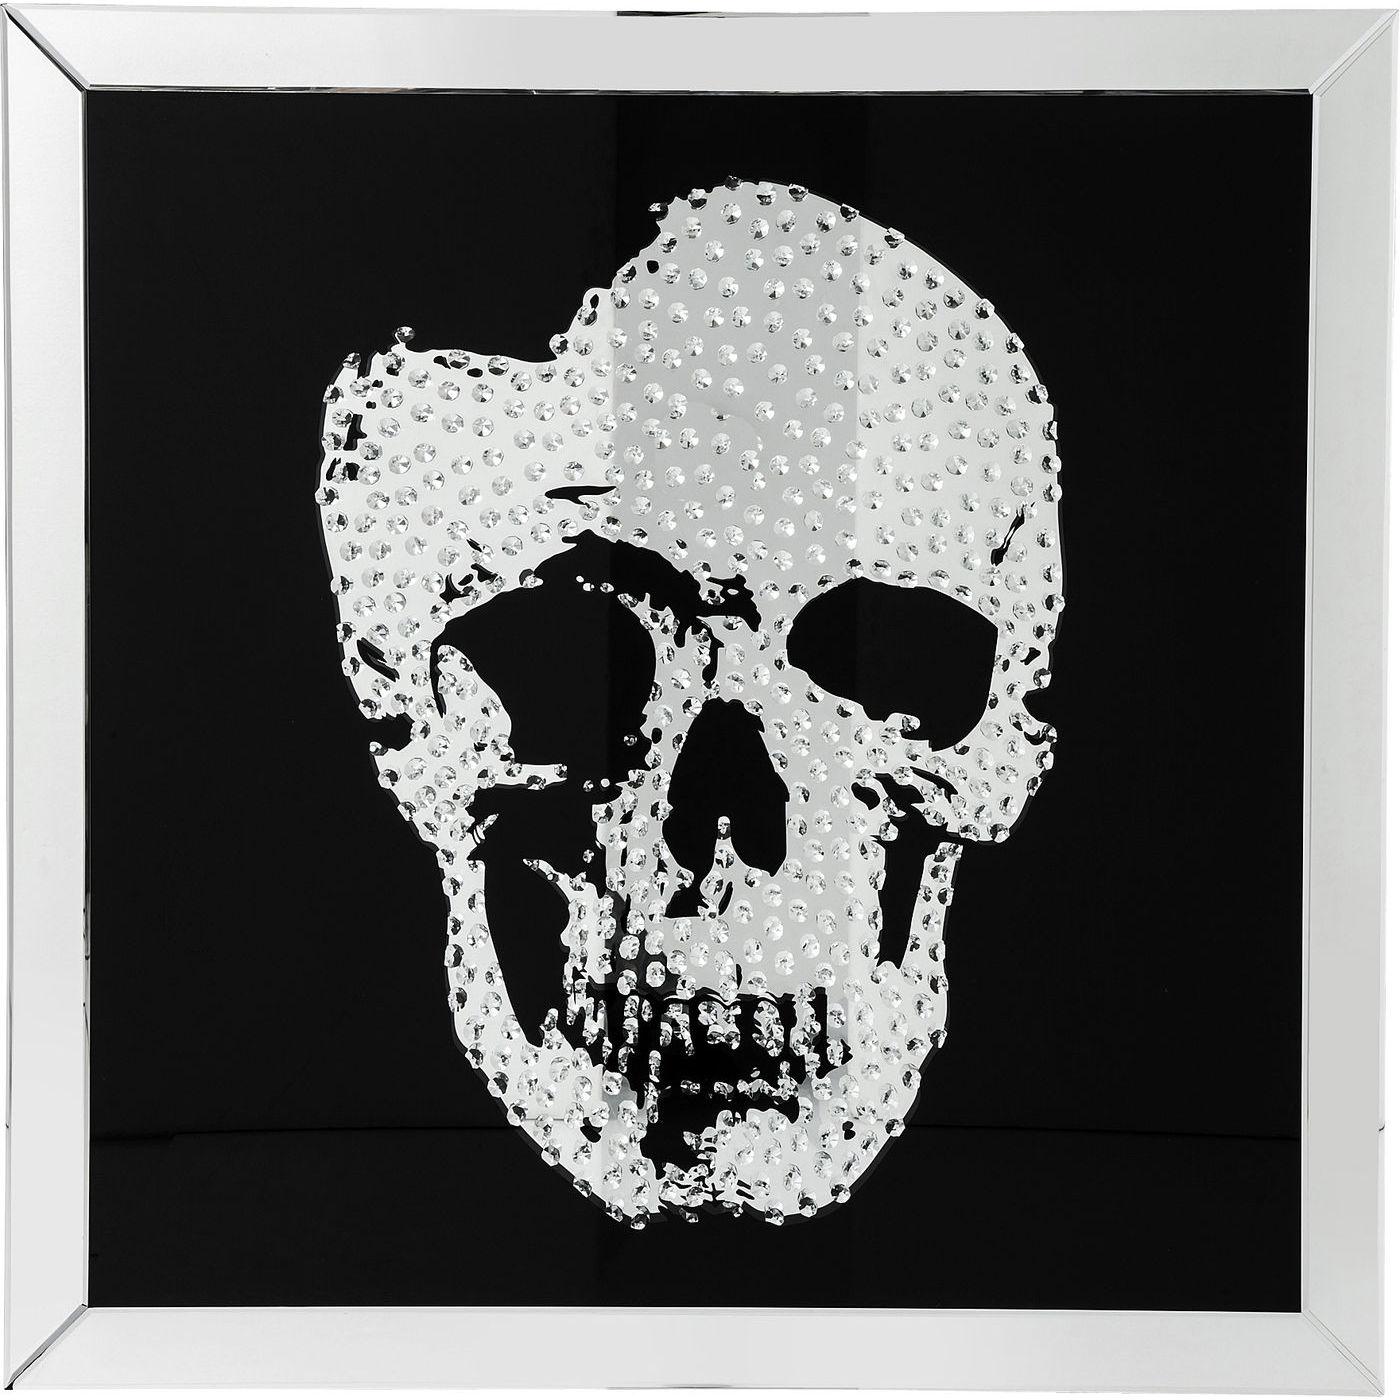 kare design Kare design plakat, mirror skull - sort sølv, m. ramme, (100x100cm) på boboonline.dk